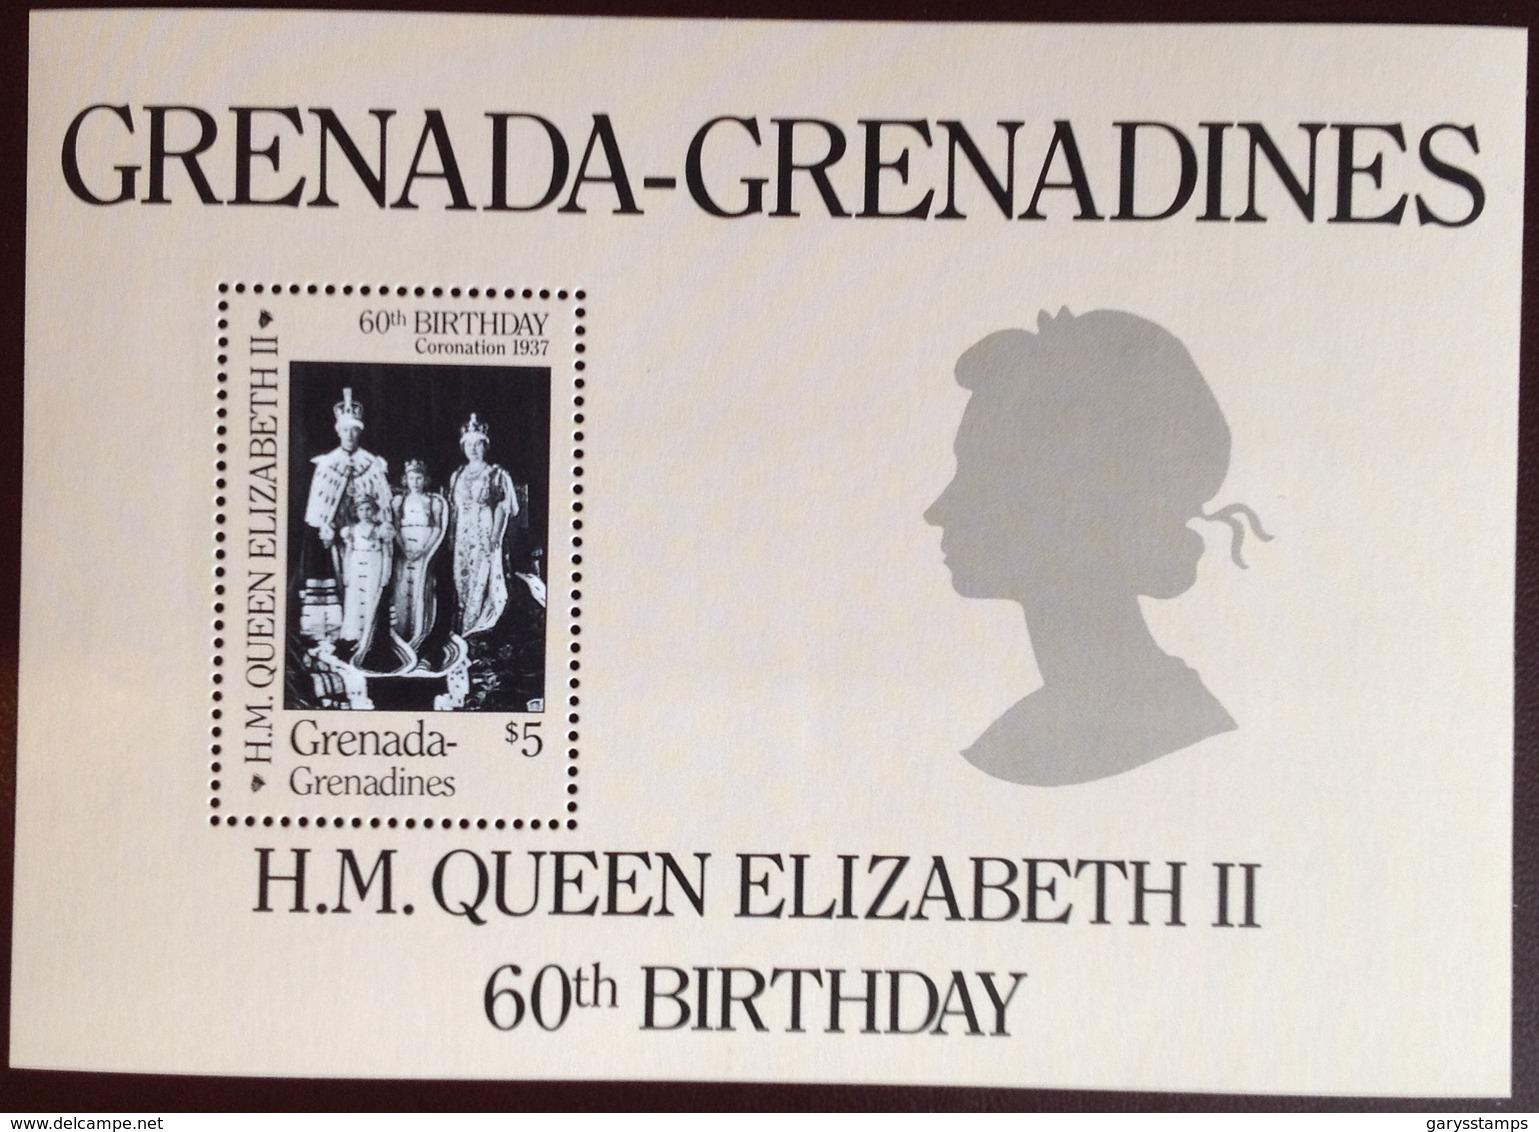 Grenada Grenadines 1980 Queen's 60th Birthday Minisheet MNH - Grenade (1974-...)